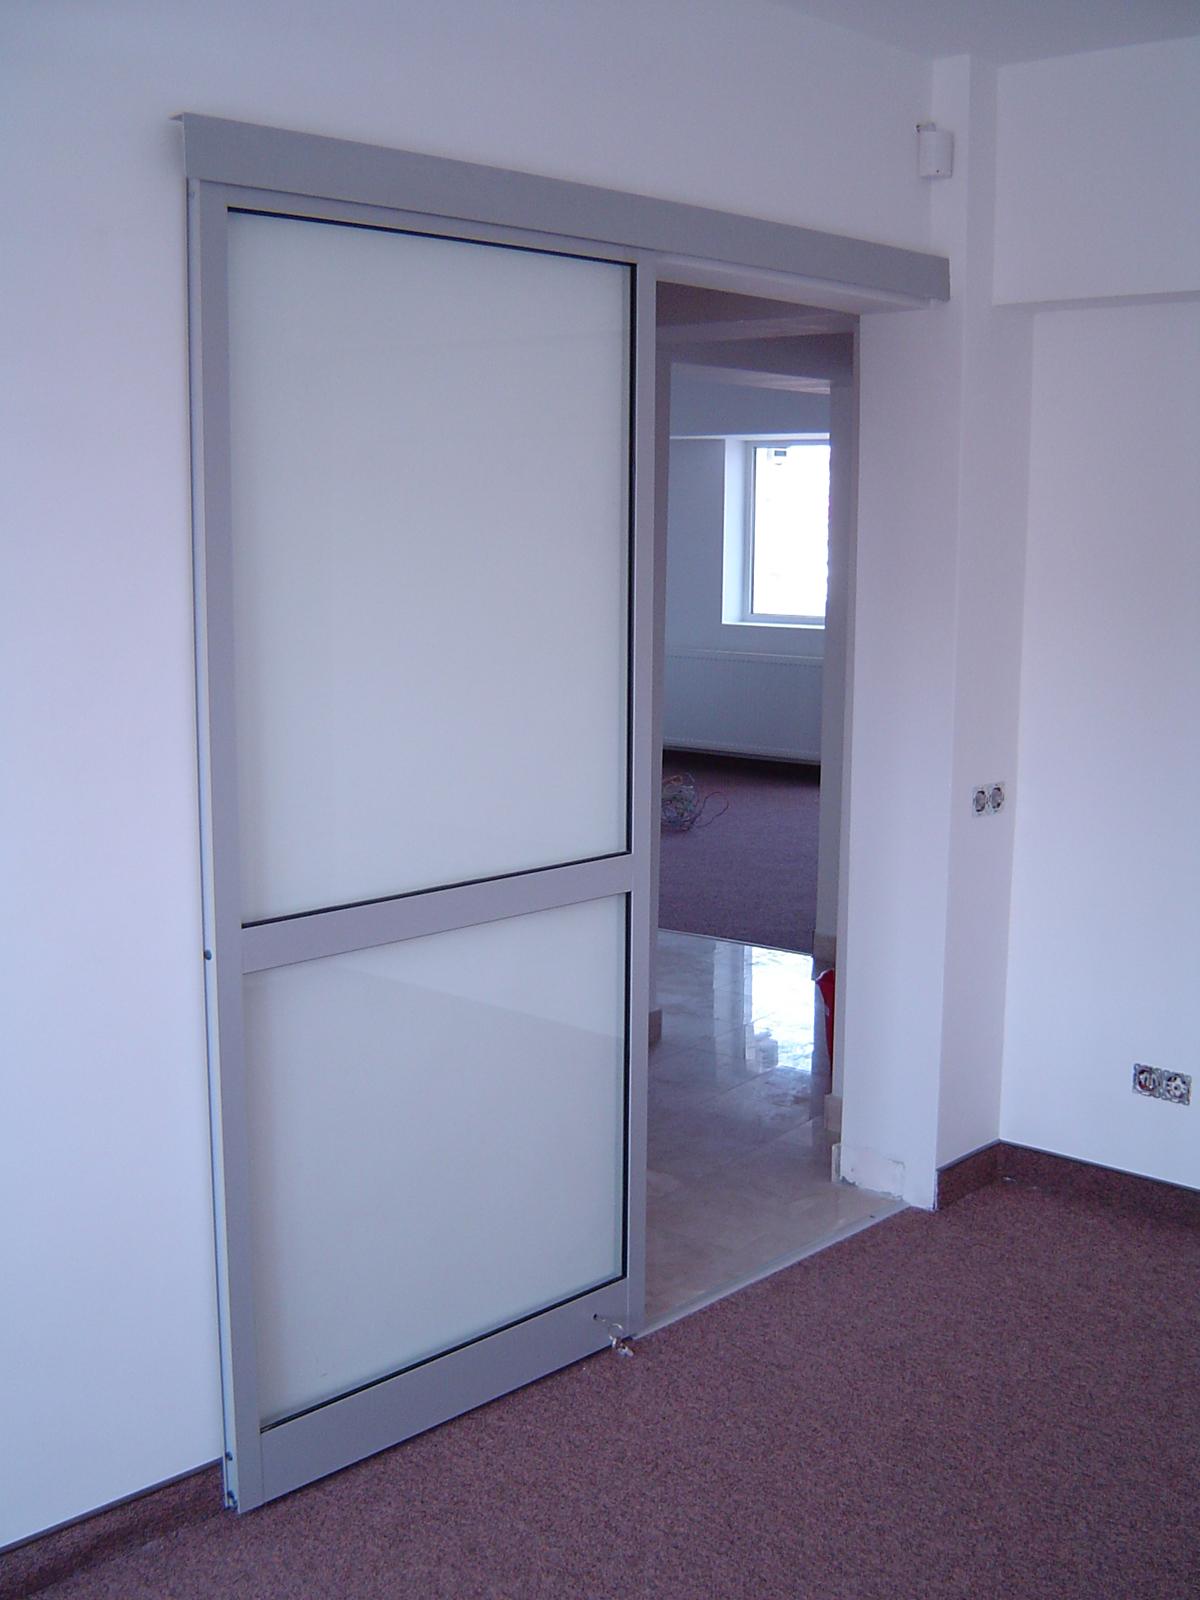 Usi si ferestre cu tamplarie din profile de aluminiu ABAFORM - Poza 2